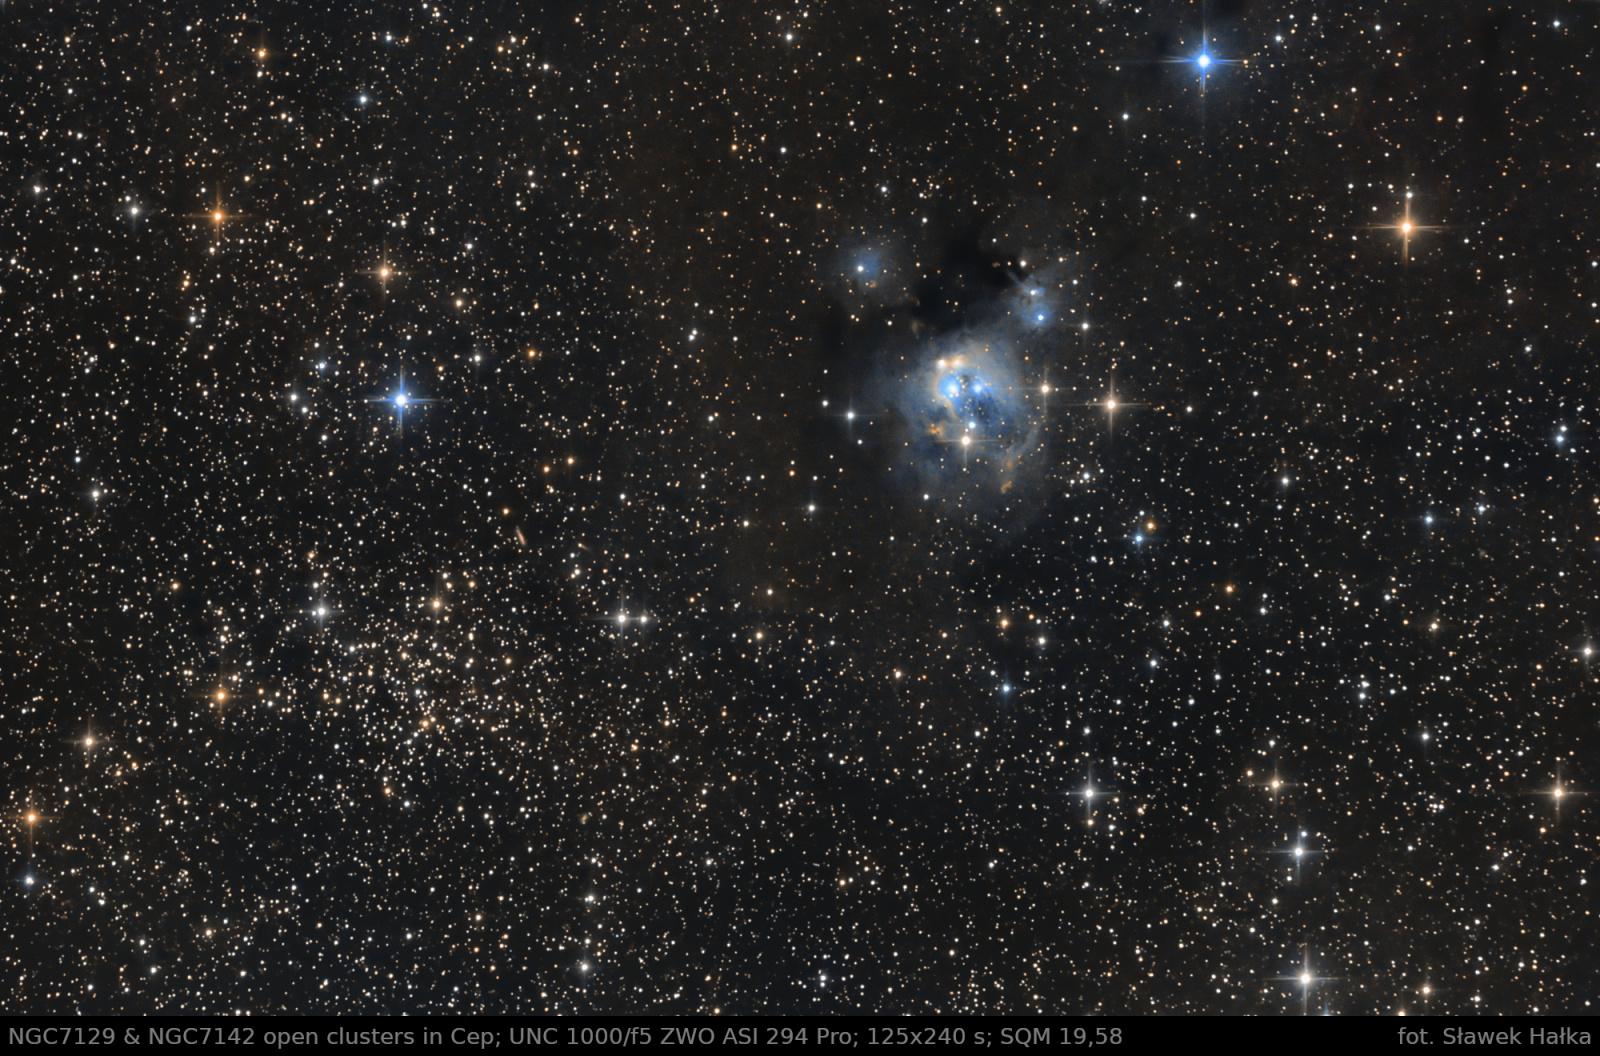 NGC7129_1_crop_3700_2350_final_resize_2000_1270.thumb.jpg.3078743de6376c9d4b9f308c53c5c322.jpg